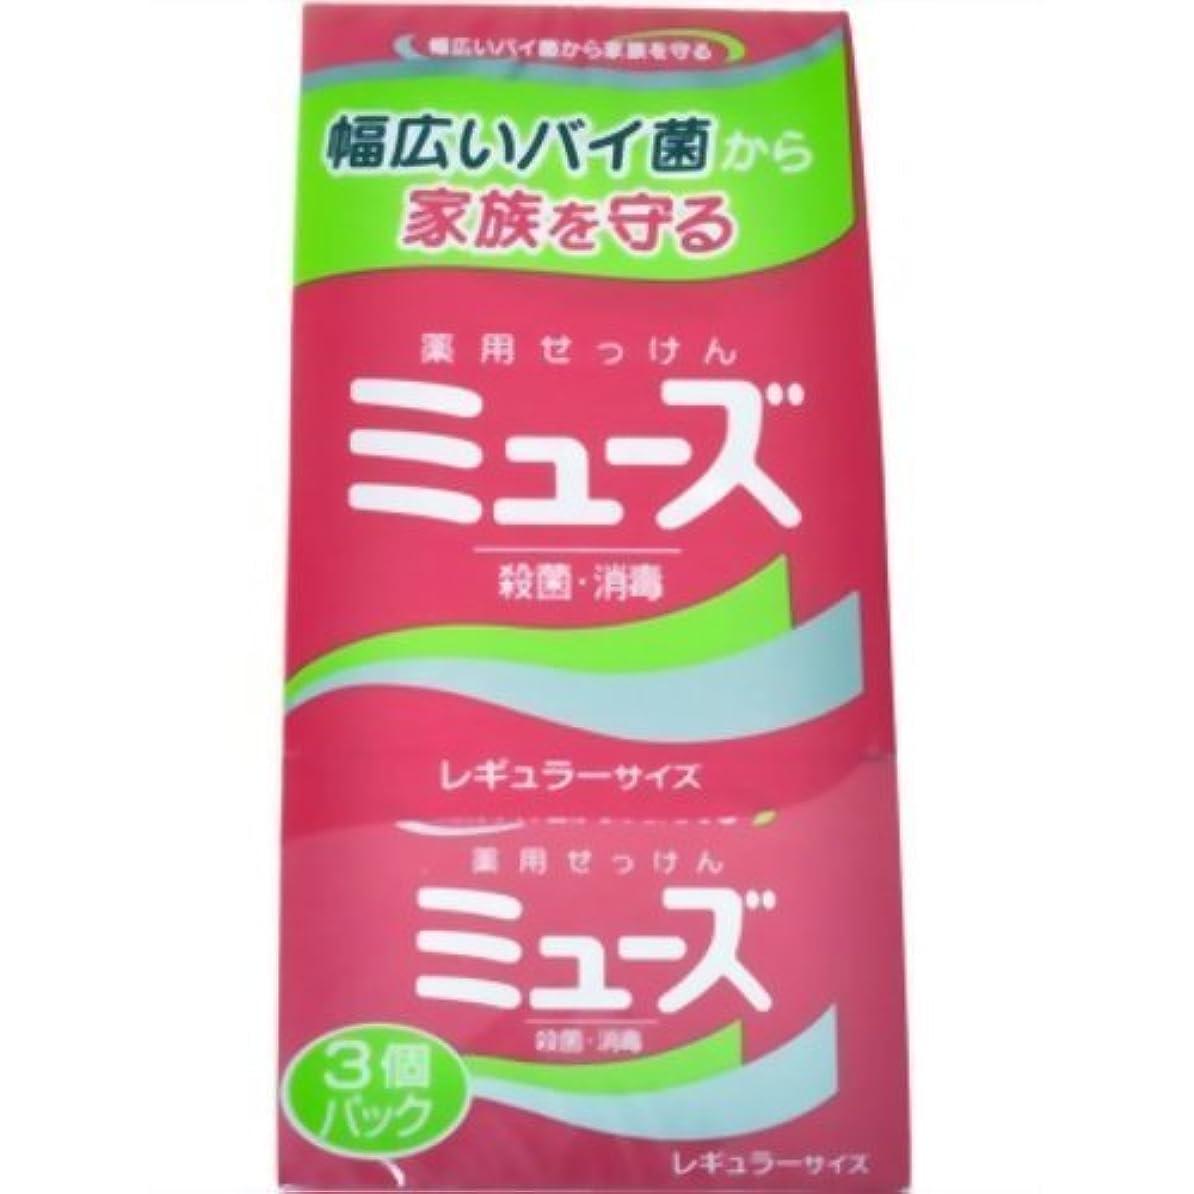 通訳ランダム目の前のミューズ石鹸 レギュラー 3P ×10個セット